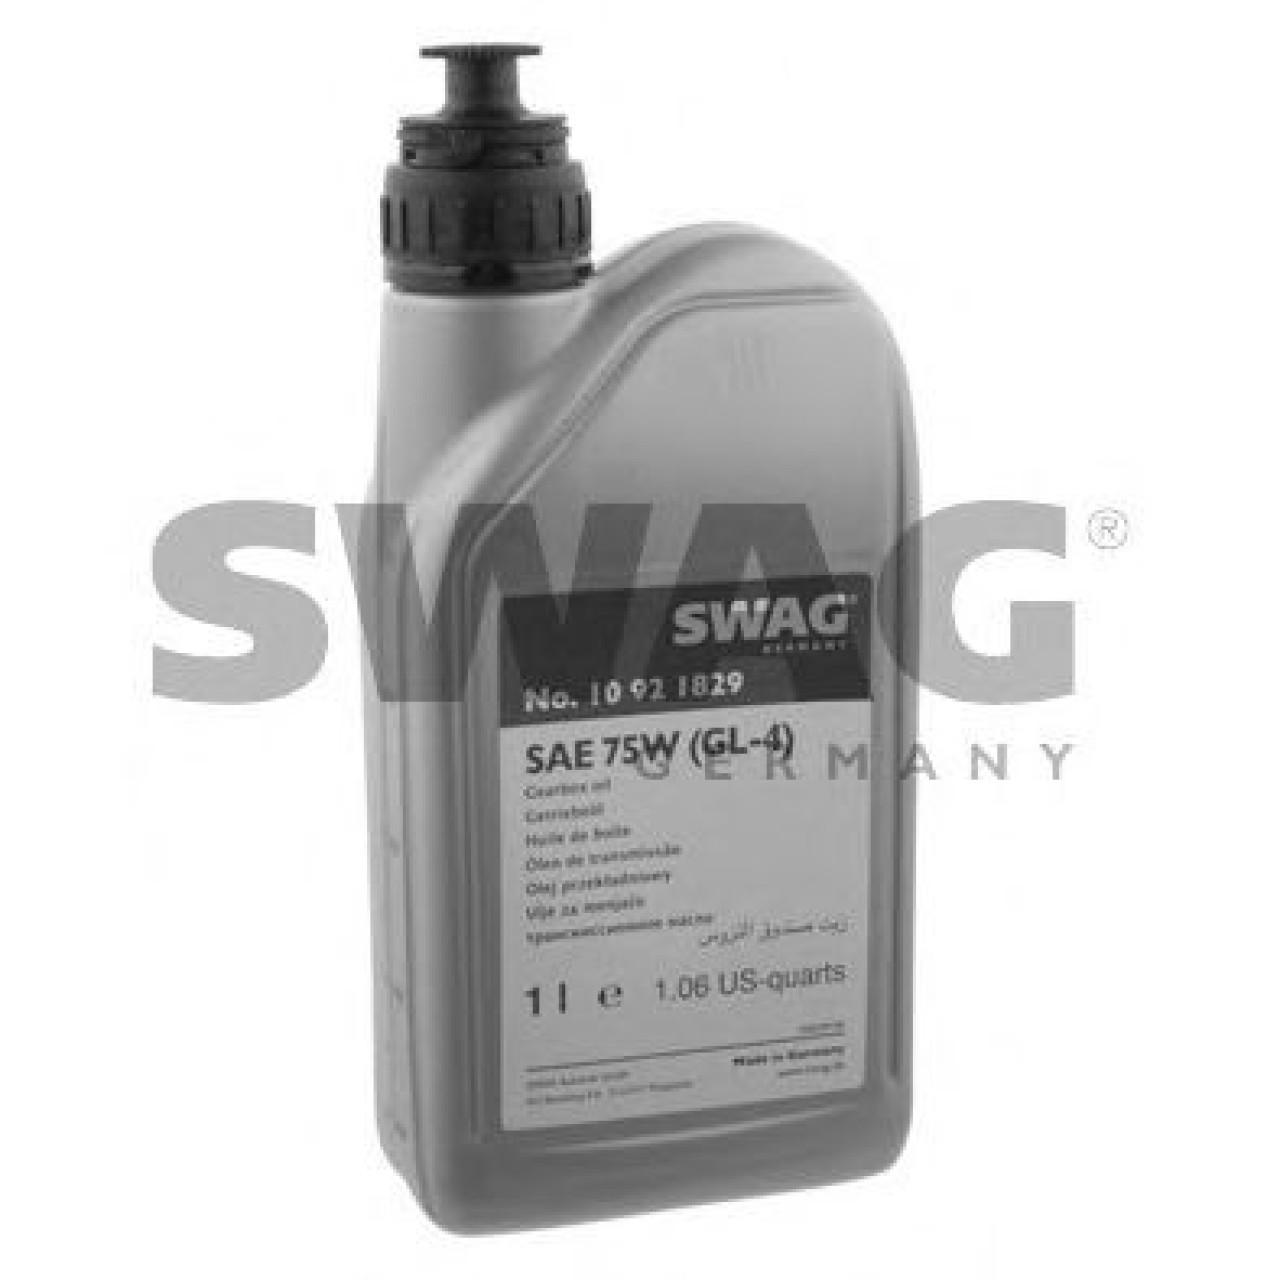 Ulei cutie viteze manuala VW PASSAT CC (357) (2008 - 2012) SWAG 10 92 1829 produs NOU